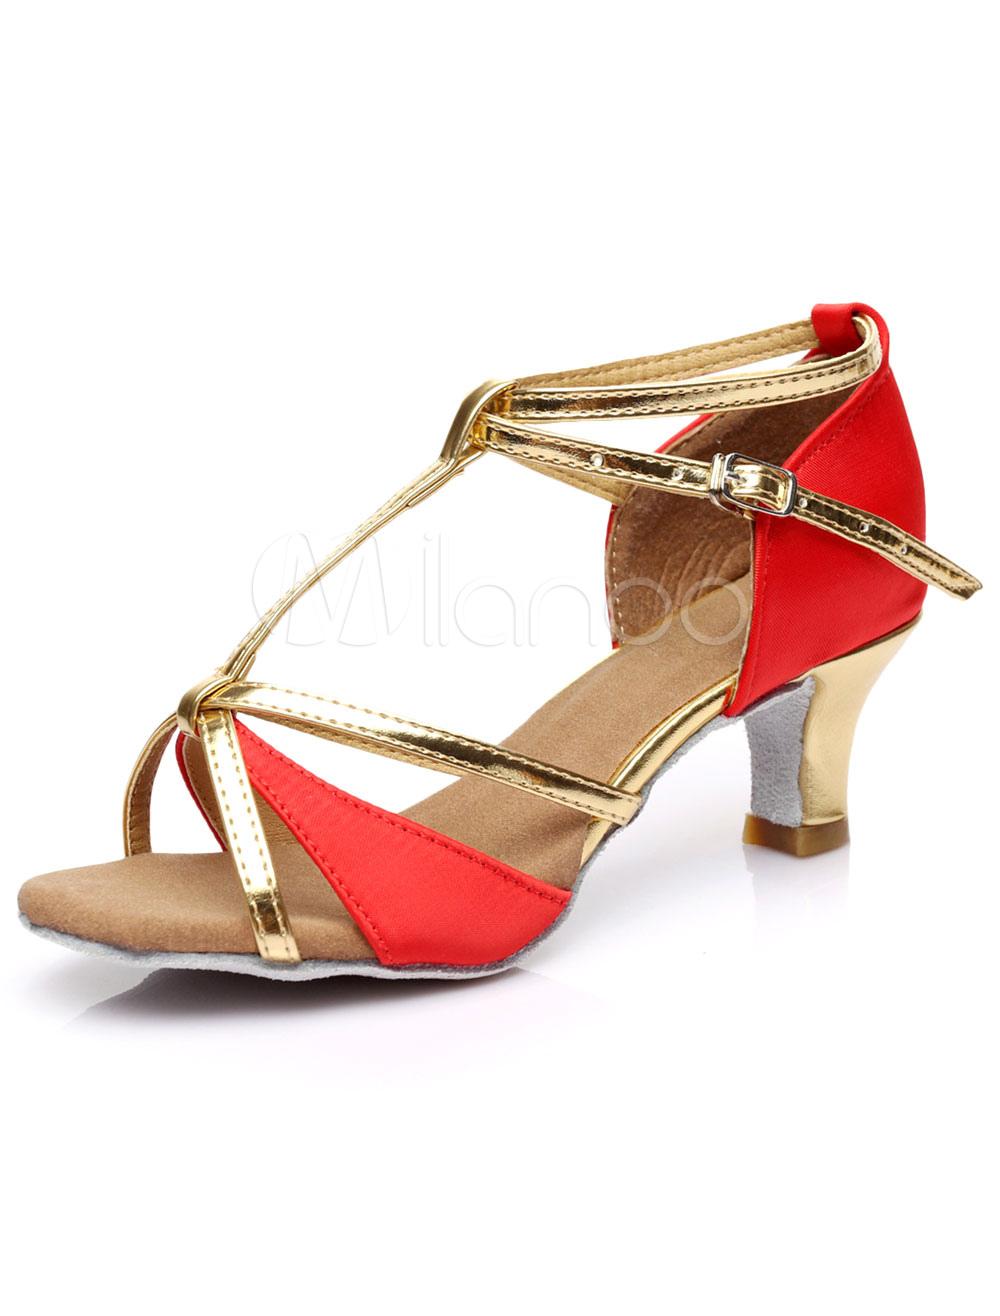 Oro Peep Toe lentejuelas tela zapatos de salón de baile para las mujeres qRkO7S